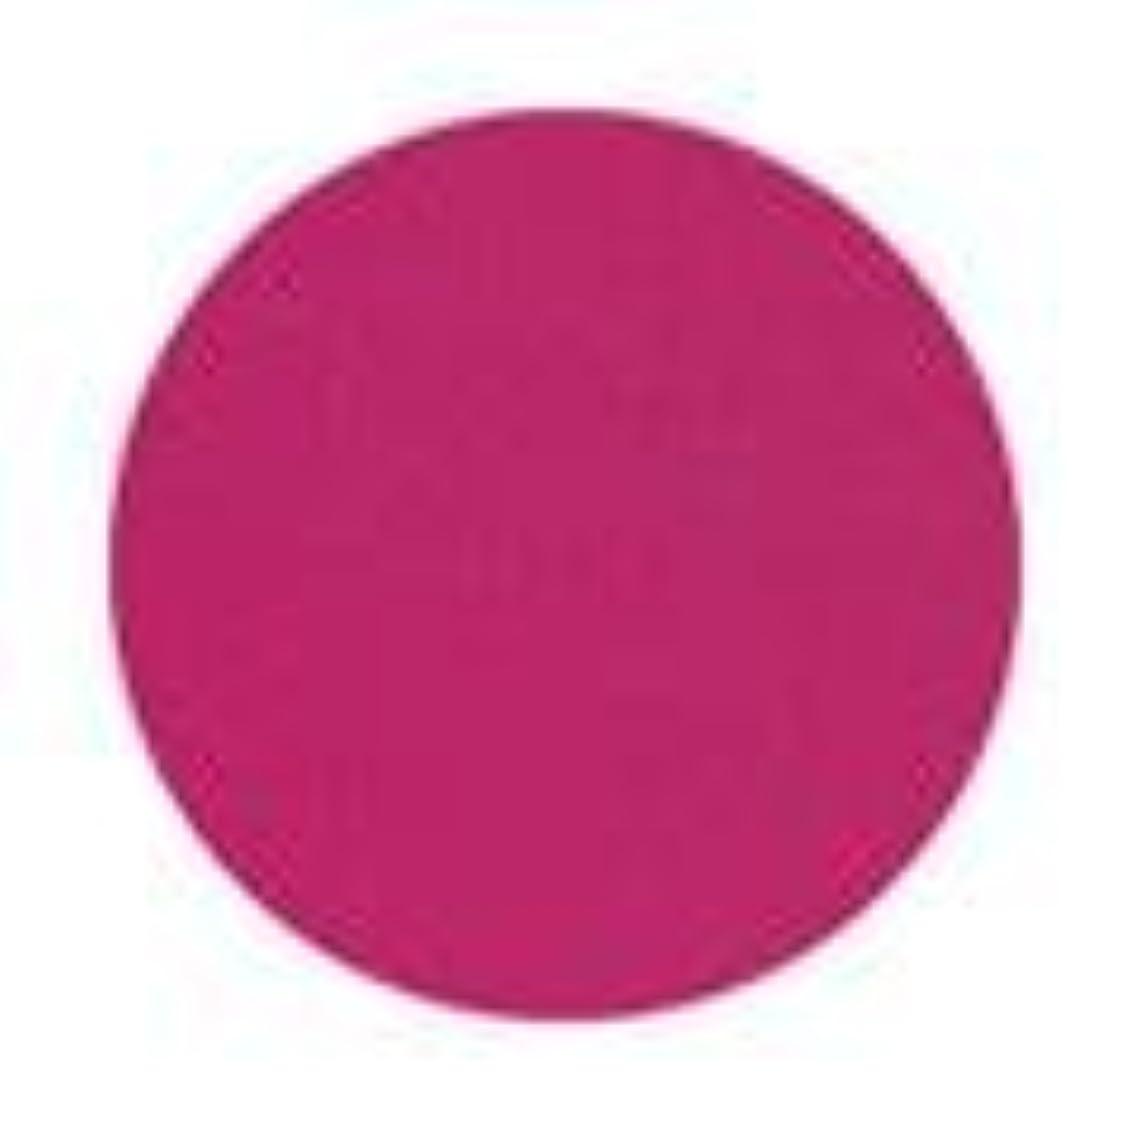 フルーツ方法論牛Jessica ジェレレーション カラー 15ml  546 カラーミーカラリリー